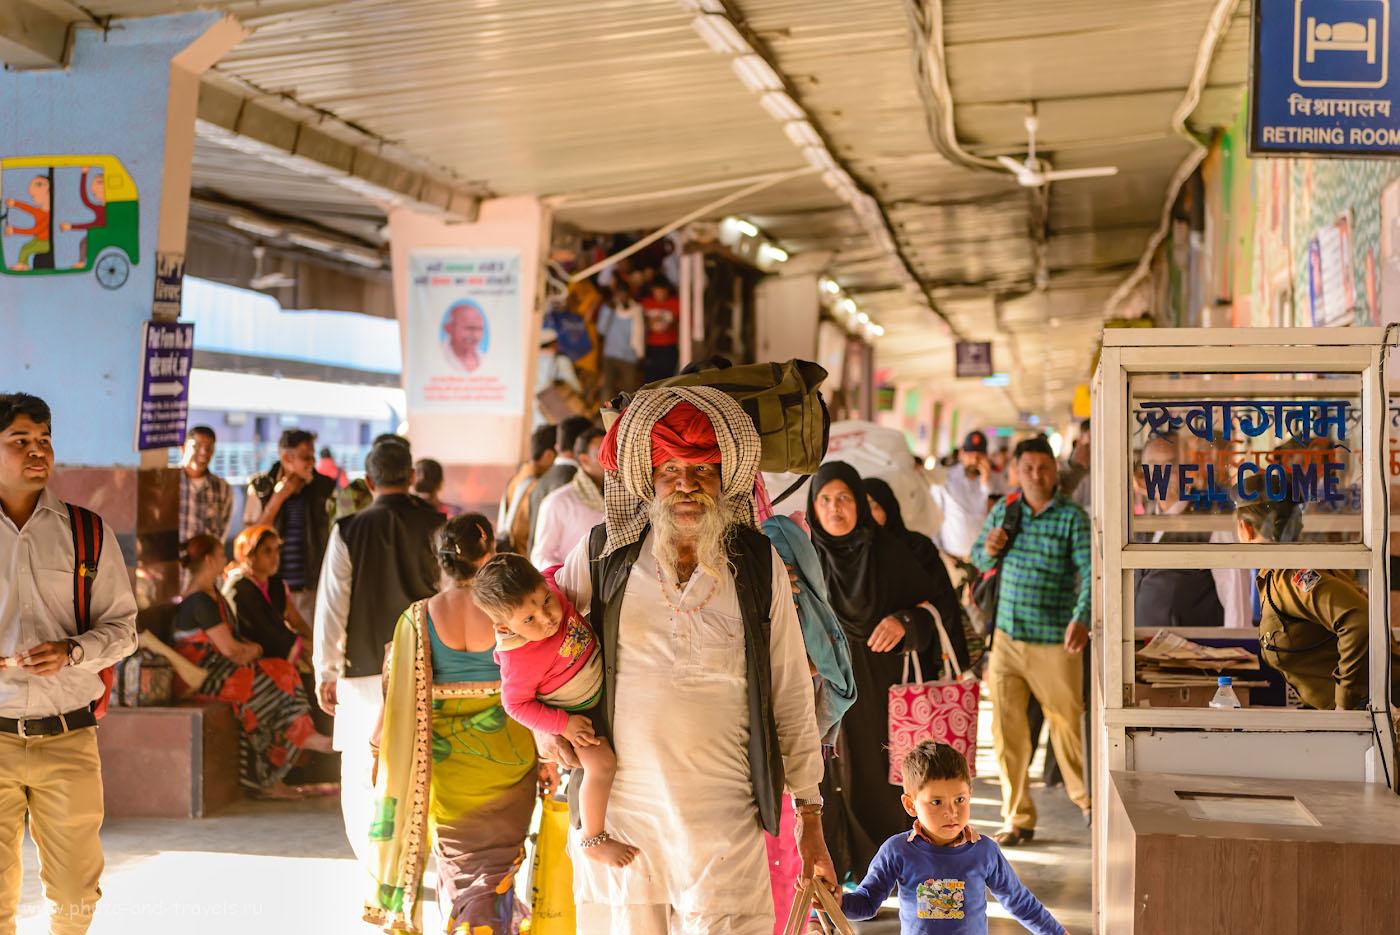 Снимок 27. На железнодорожном вокзале Джайпура. Отчеты туристов о путешествии по Индии дикарями. 1/160, 2.8, 800, 70.